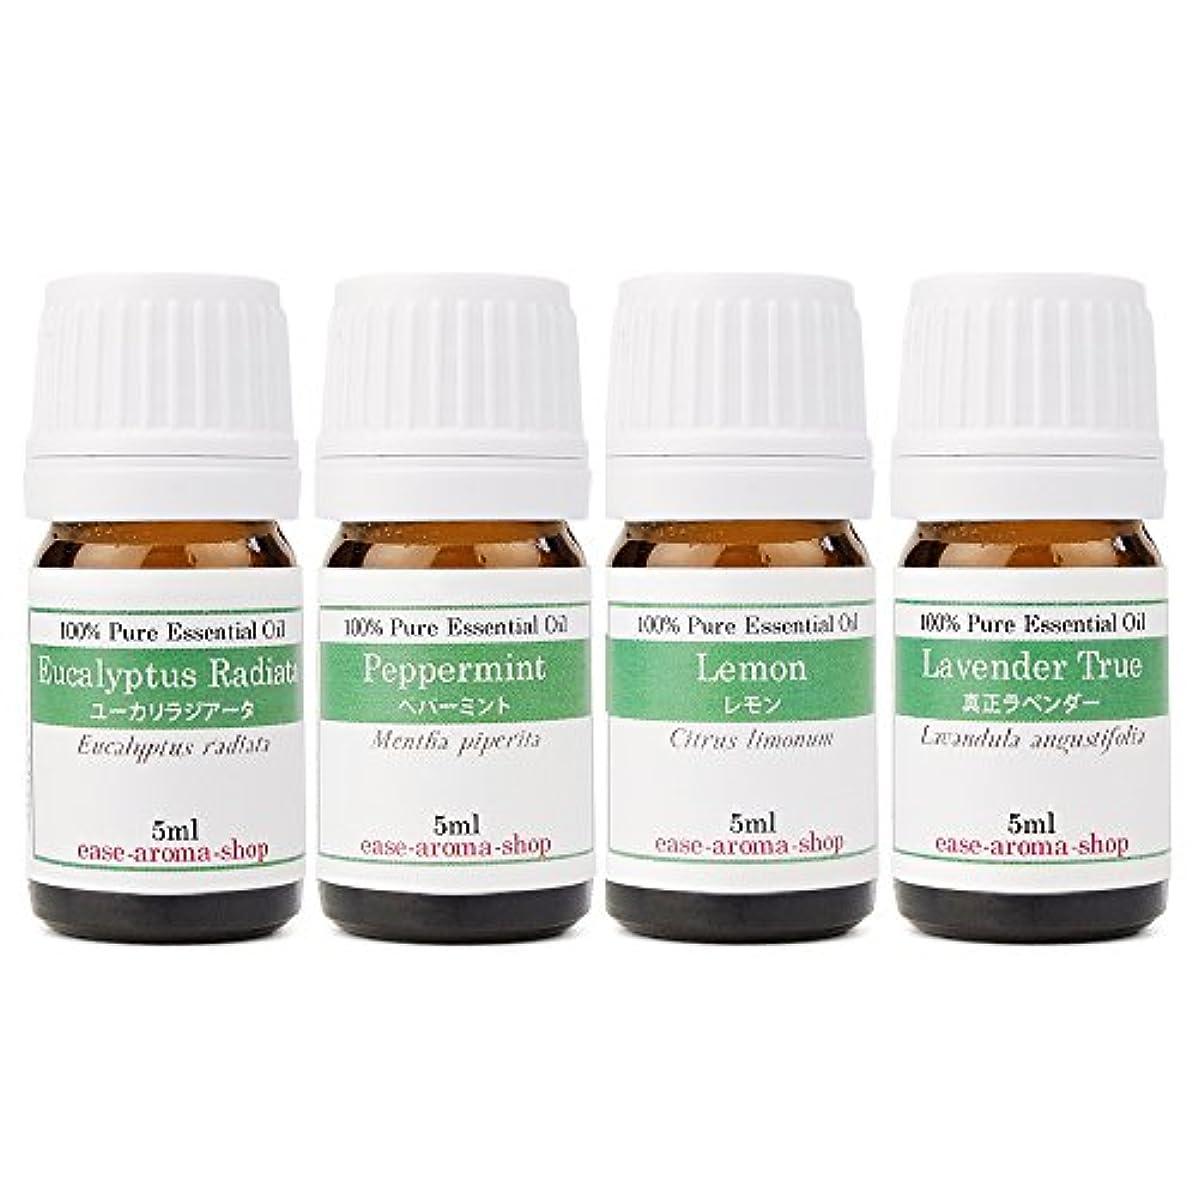 伝統精査する偽物ease エッセンシャルオイル 花粉の季節におすすめ スッキリ4本セット ユーカリラジアータ?ペパーミント?レモン?真正ラベンダー 各5ml